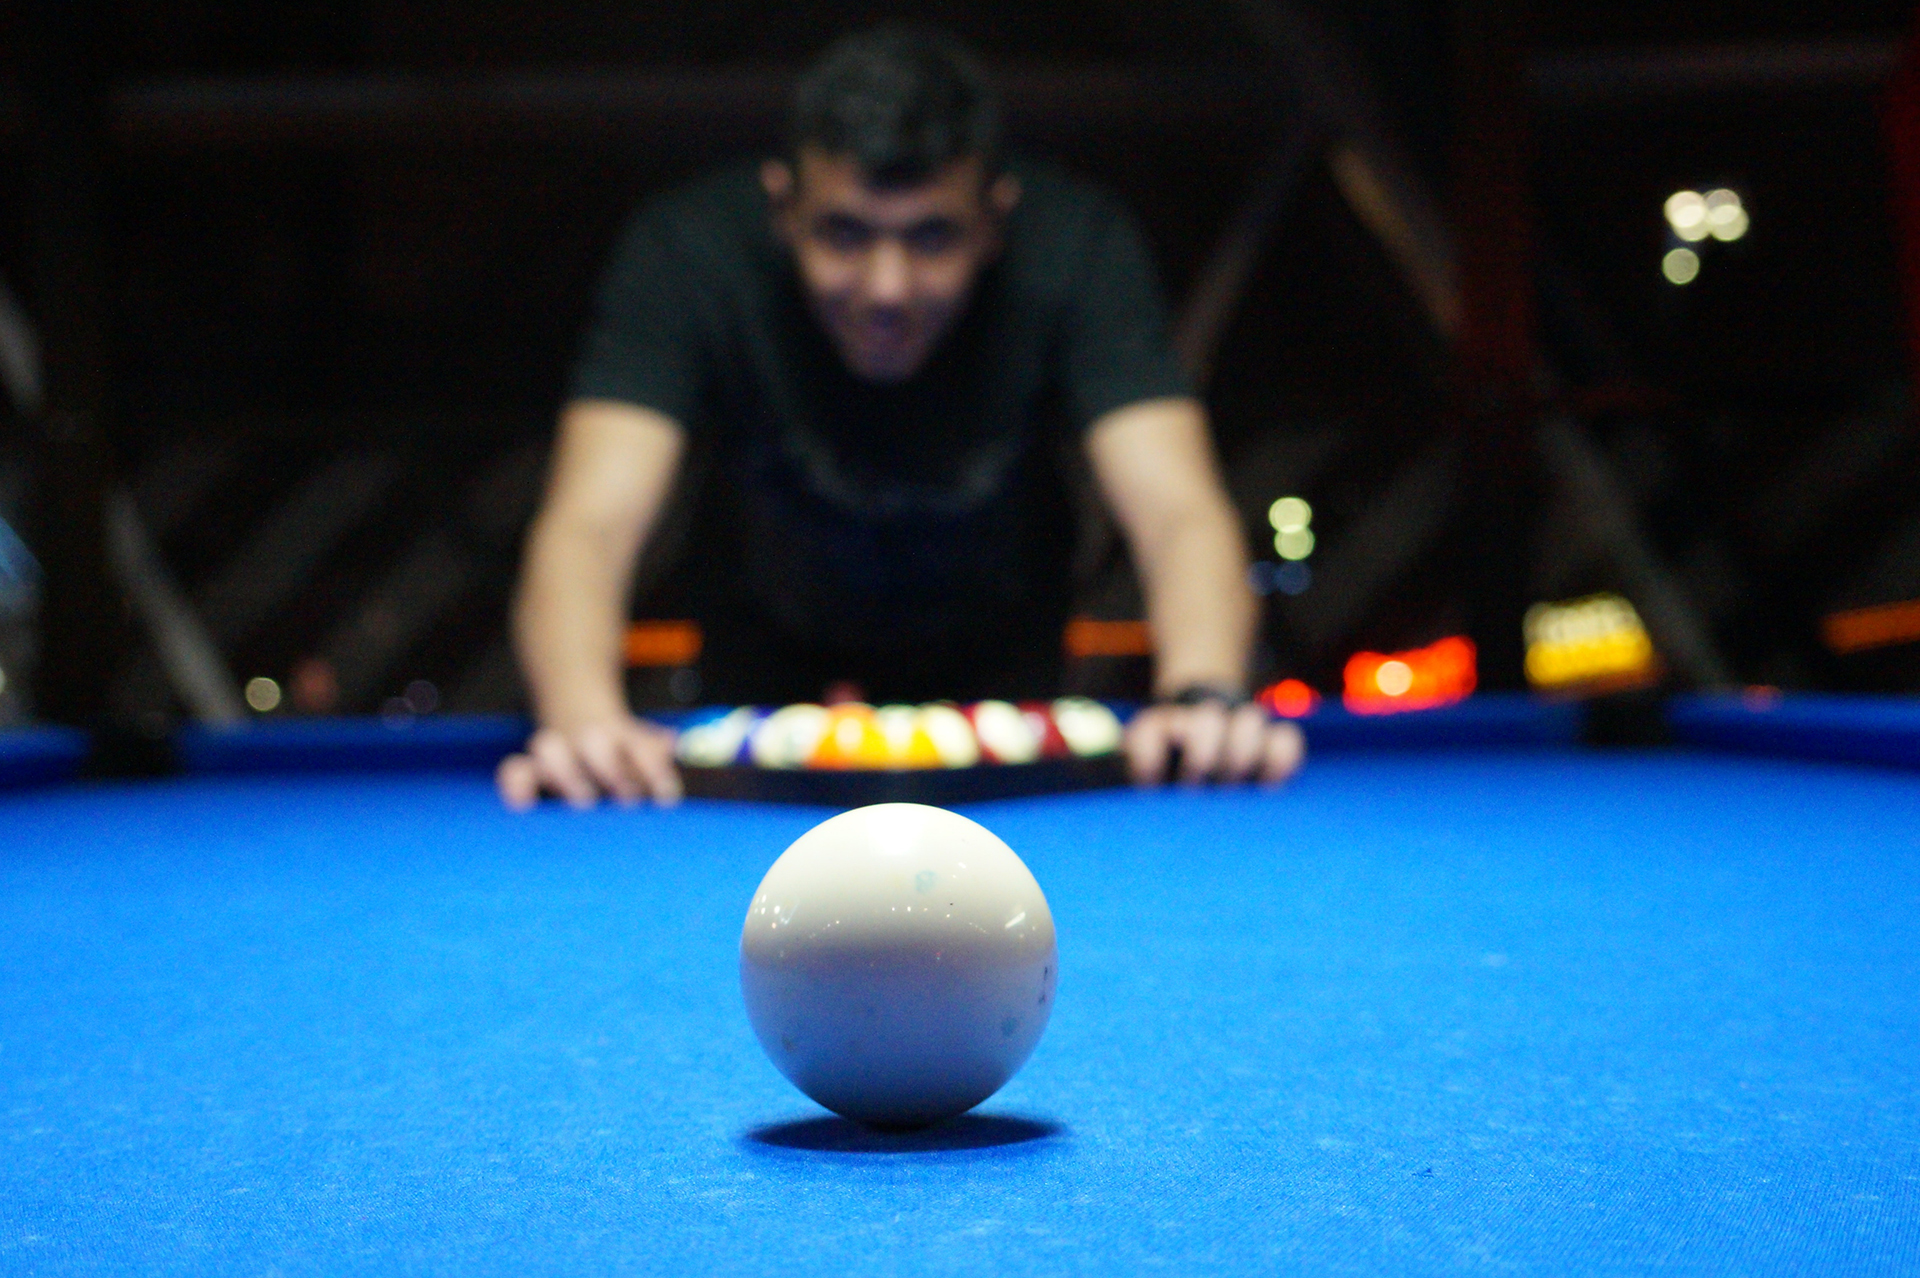 billiards-game-person-16074